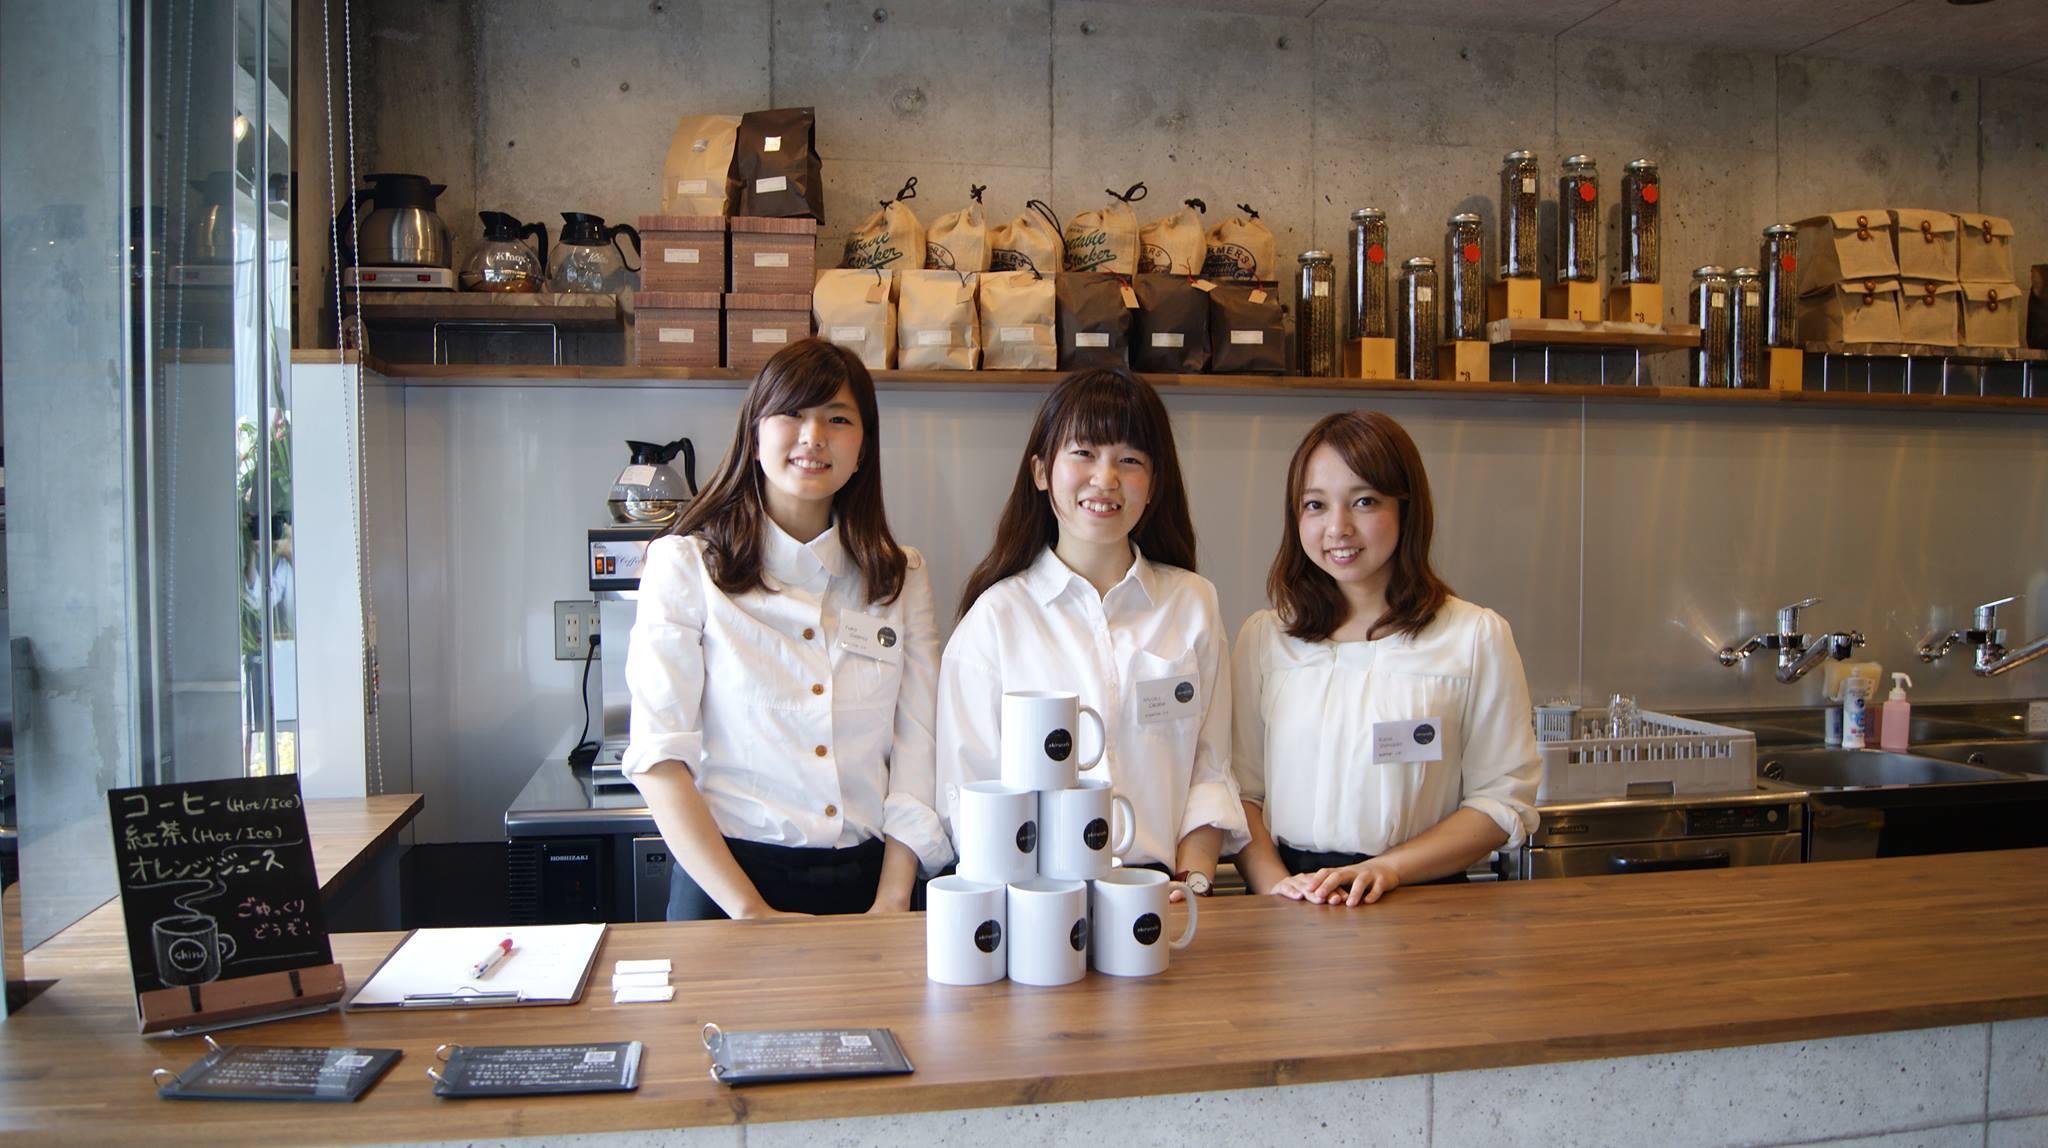 【企業様向け合同見学会】ご好評により10店舗で追加開催!